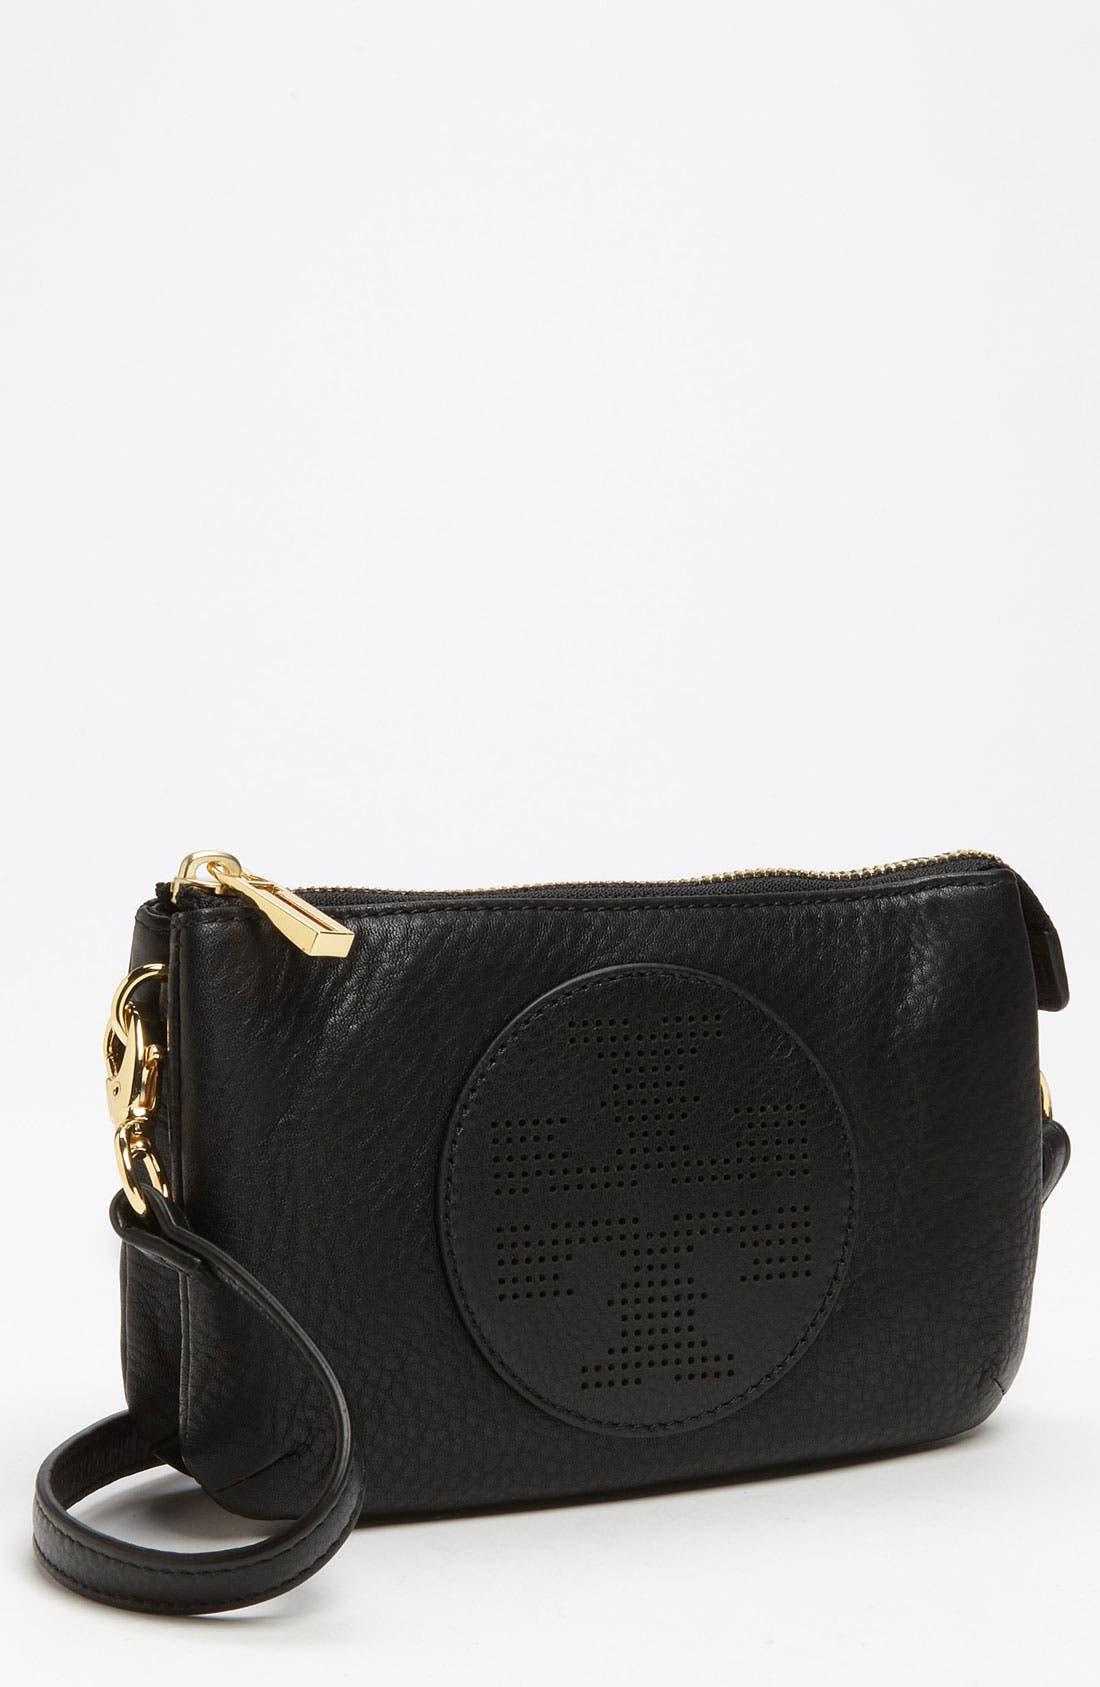 Main Image - Tory Burch 'Kipp - Small' Crossbody Bag